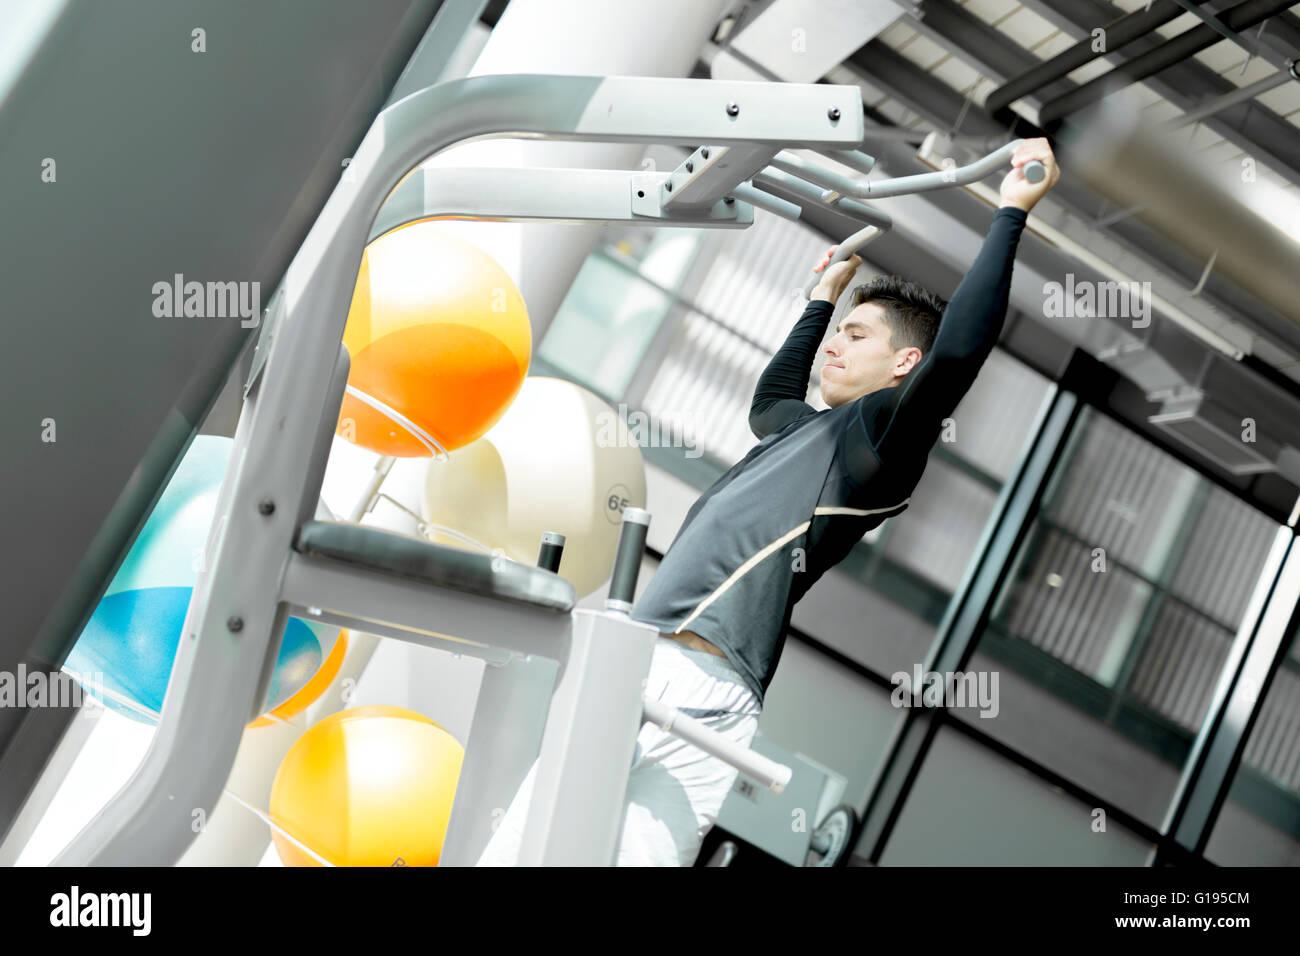 Hübscher Jüngling, ein Fitnessraum und eine gesunde Lebensweise Stockbild